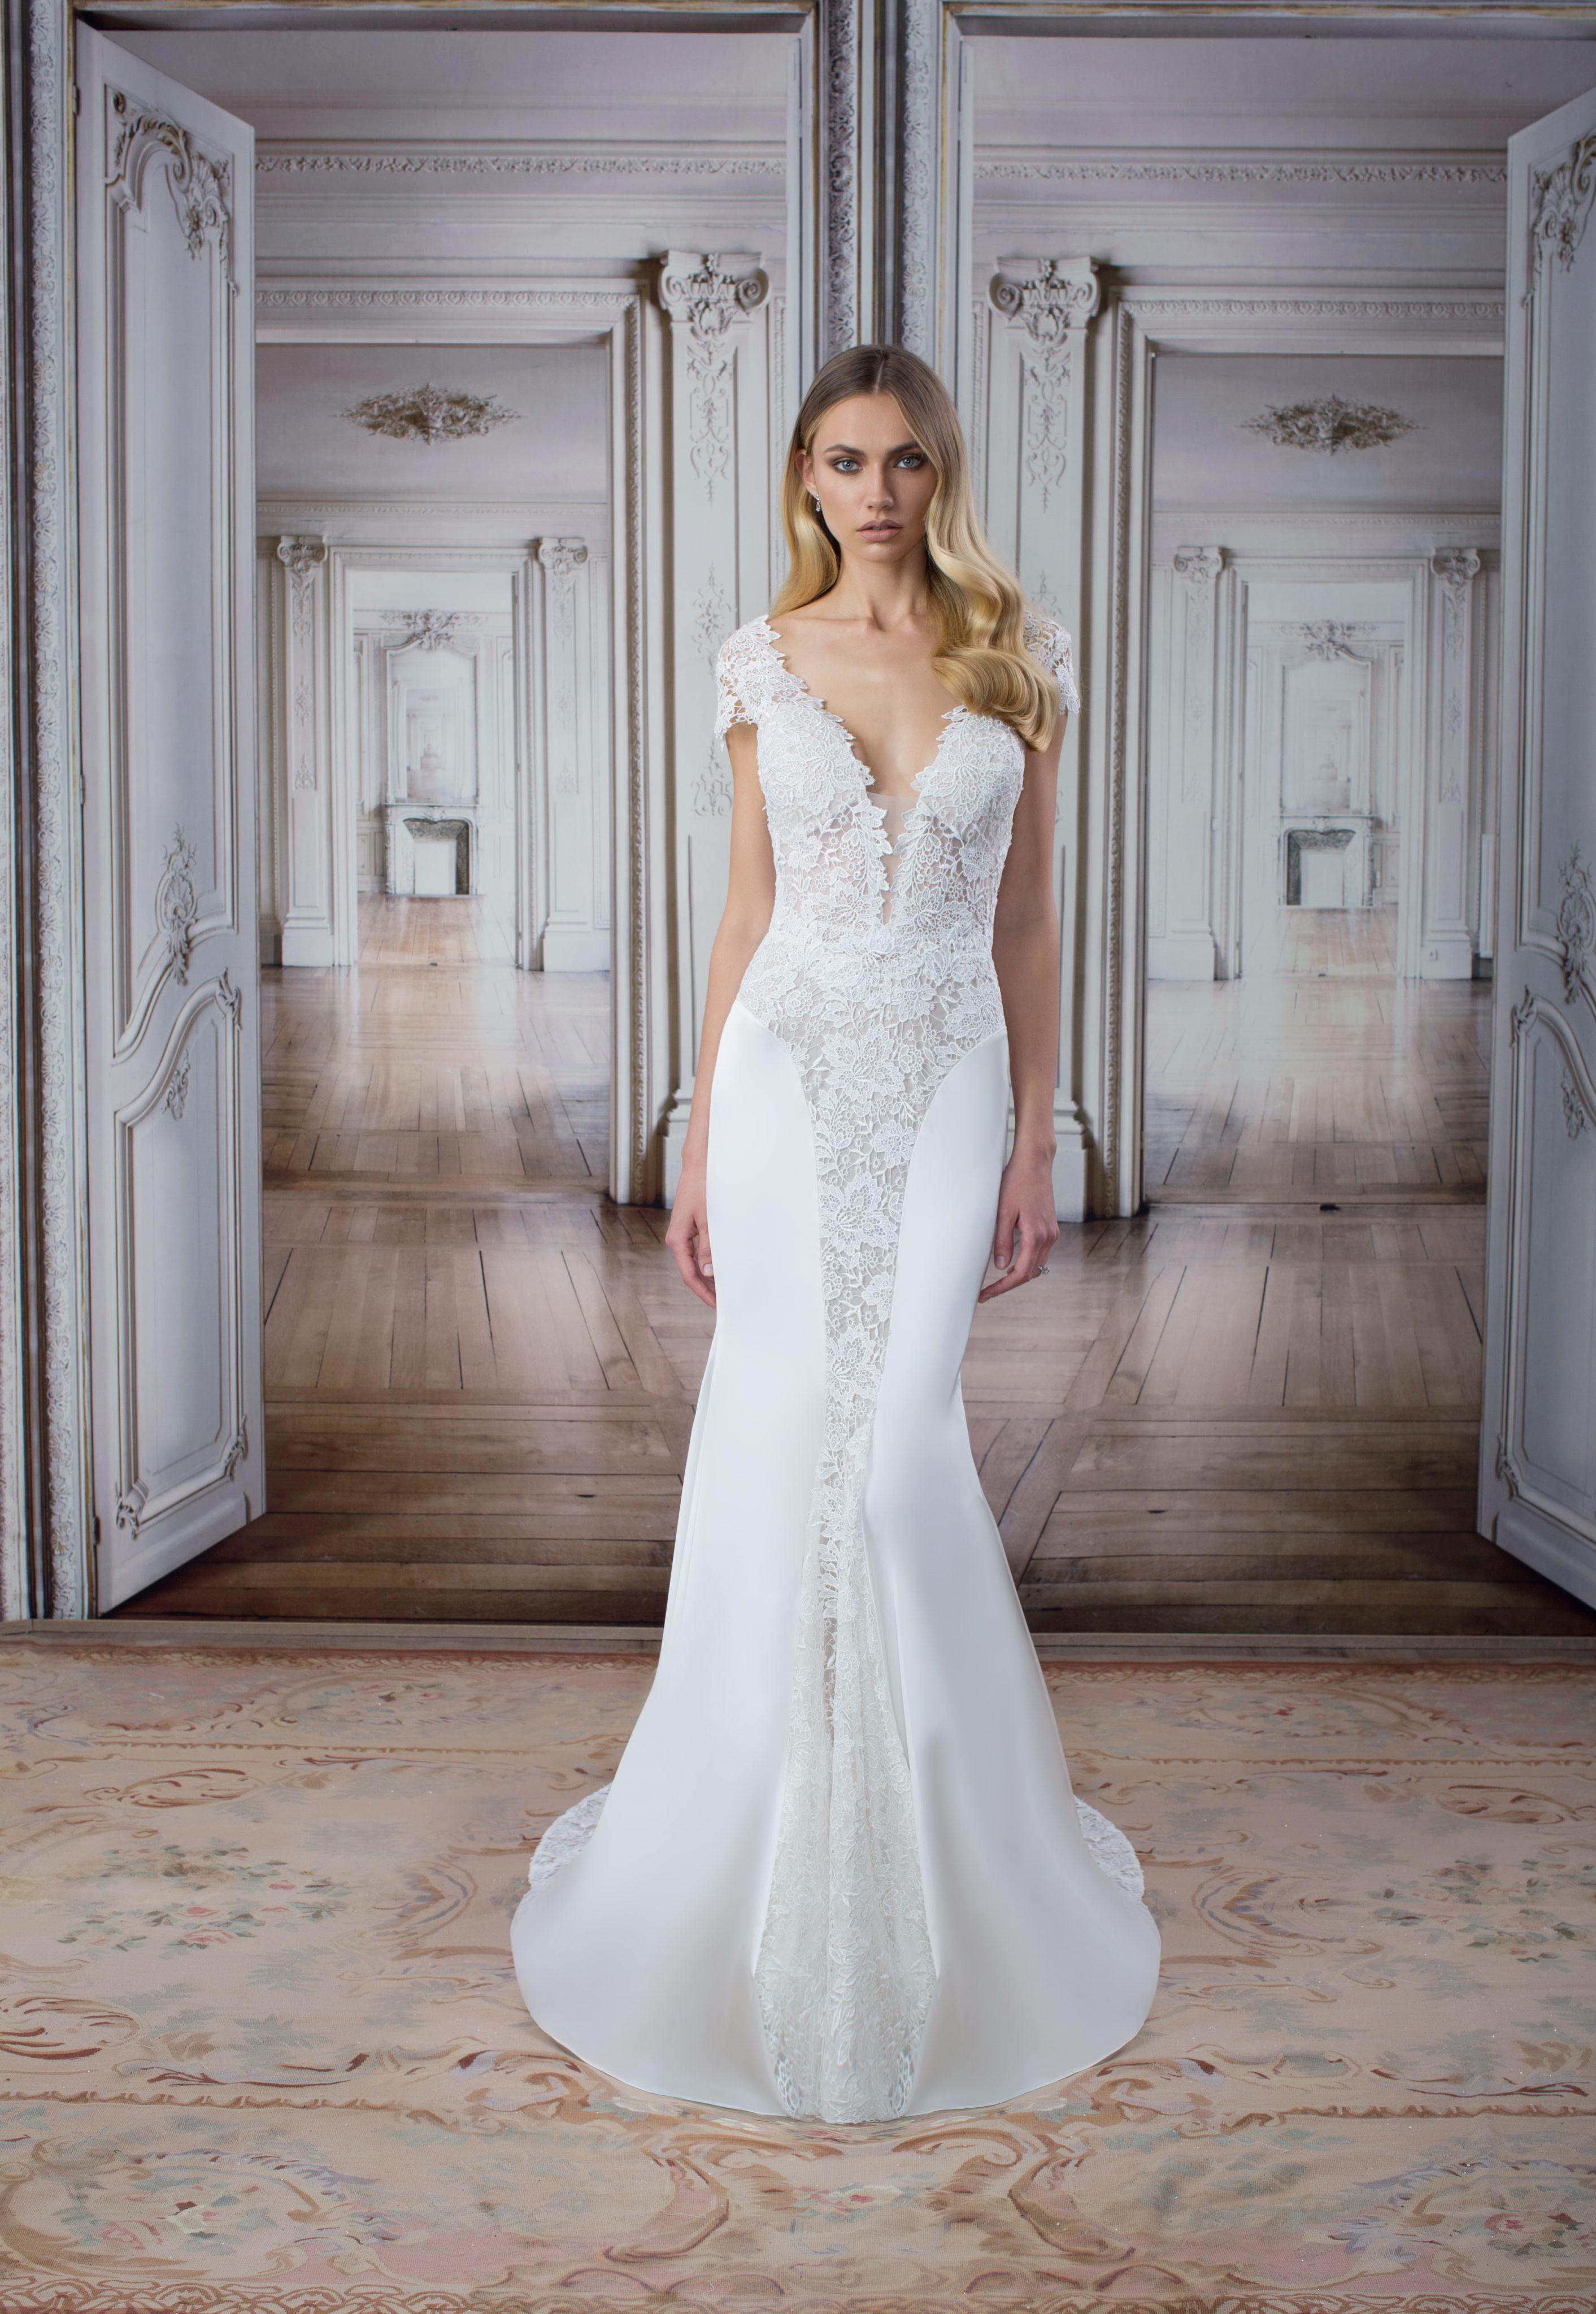 Modern sheath wedding dress kleinfeld bridal for Kleinfeld wedding dress designers